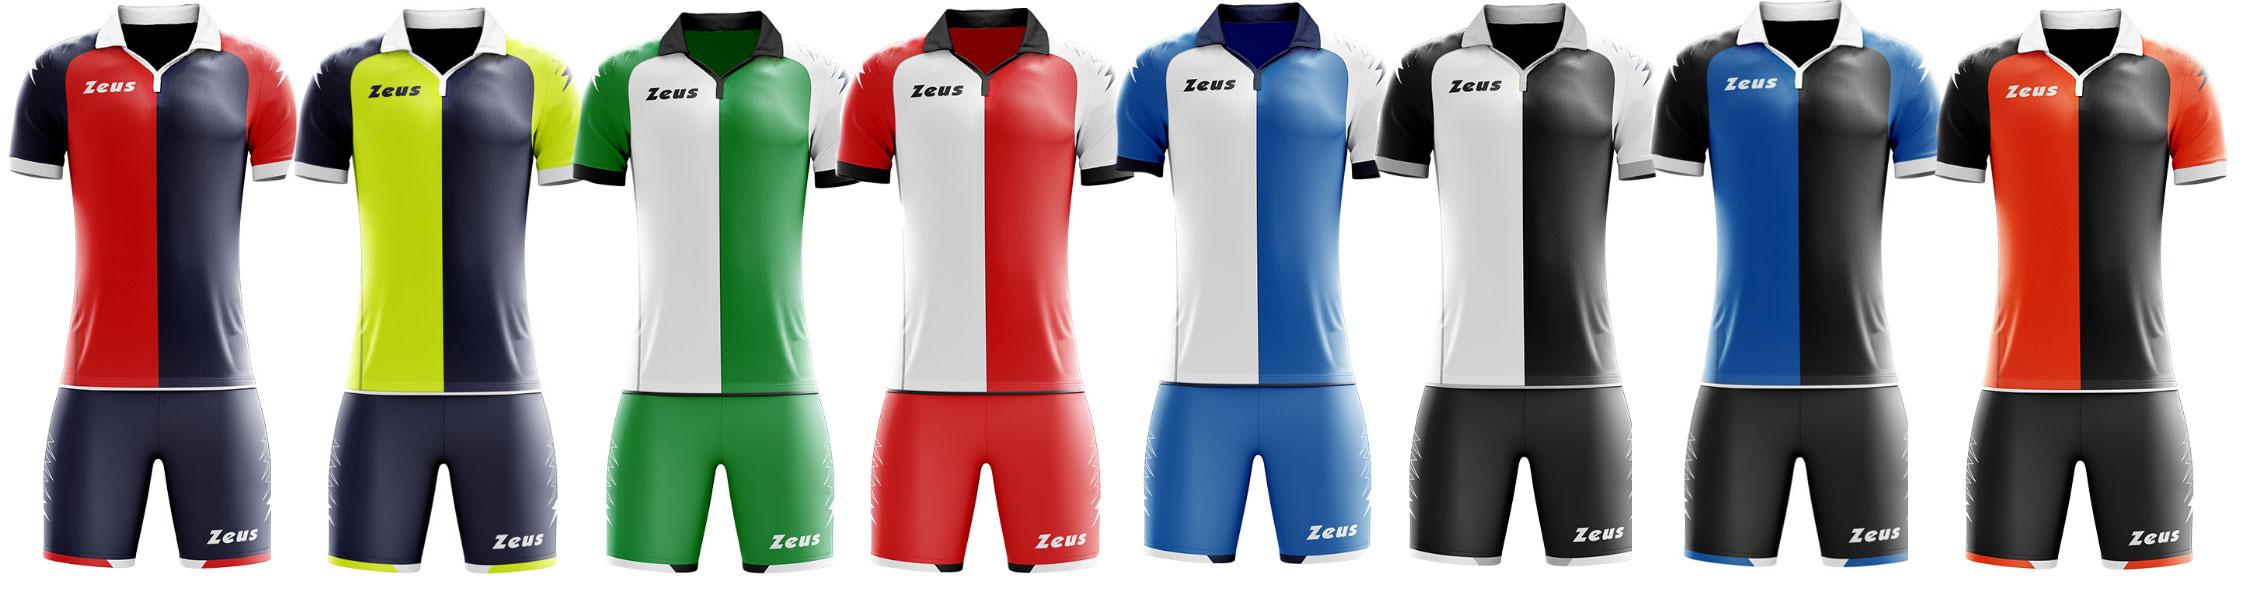 soccer kit zeus